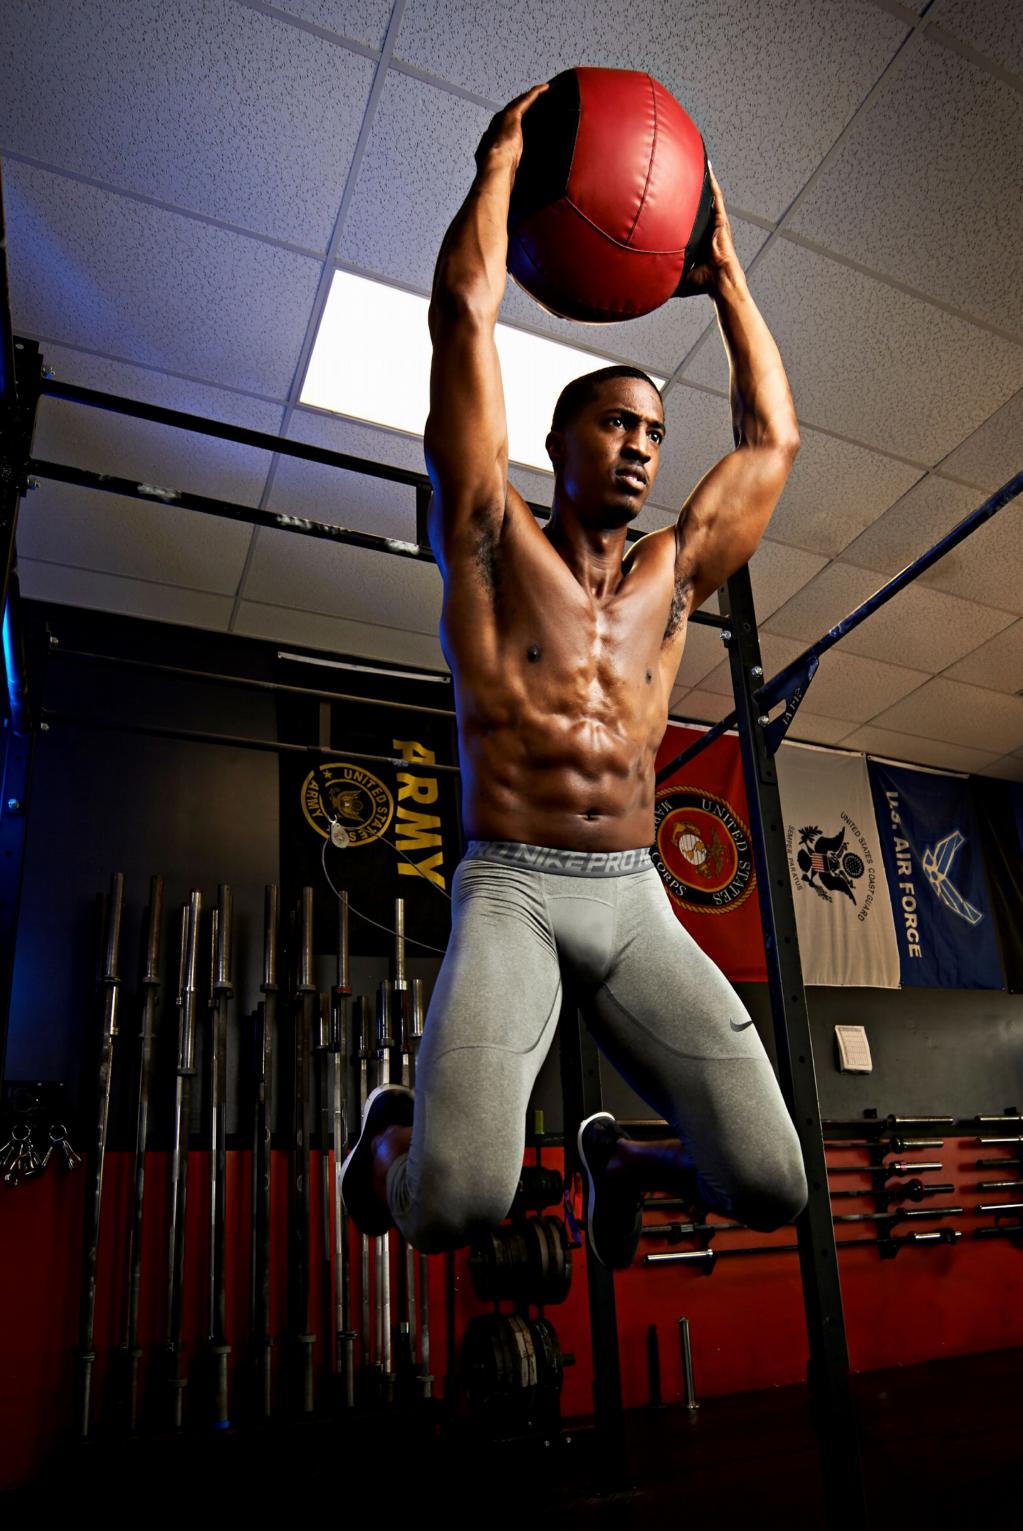 Dennis_Fitness 2.jpg